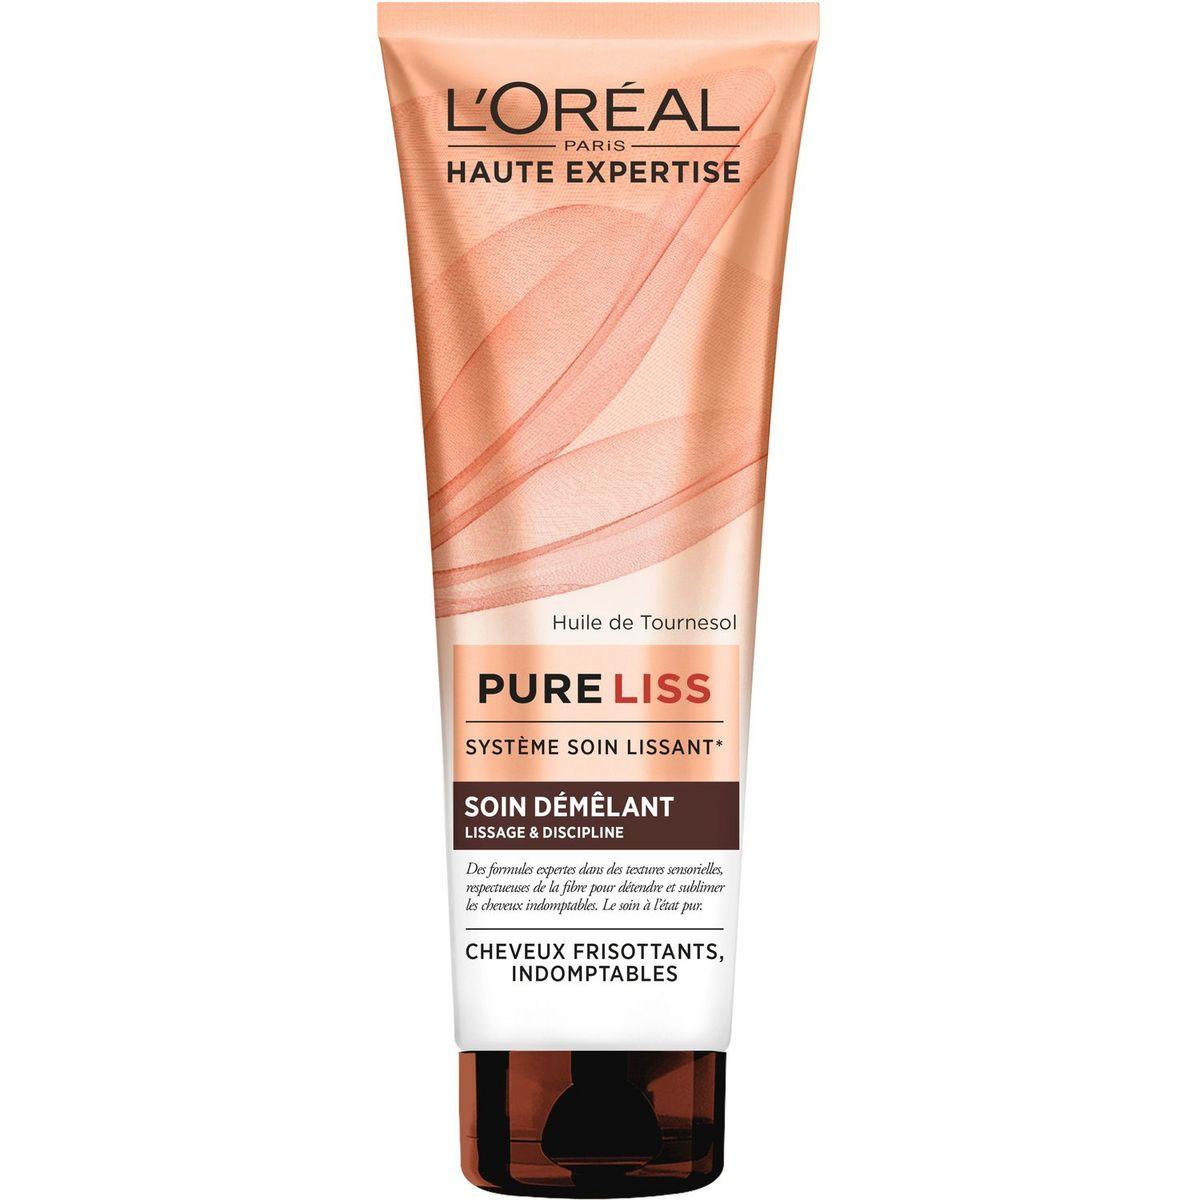 L'Oréal Pure Liss soin démêlant lissage cheveux frisottants 250ml